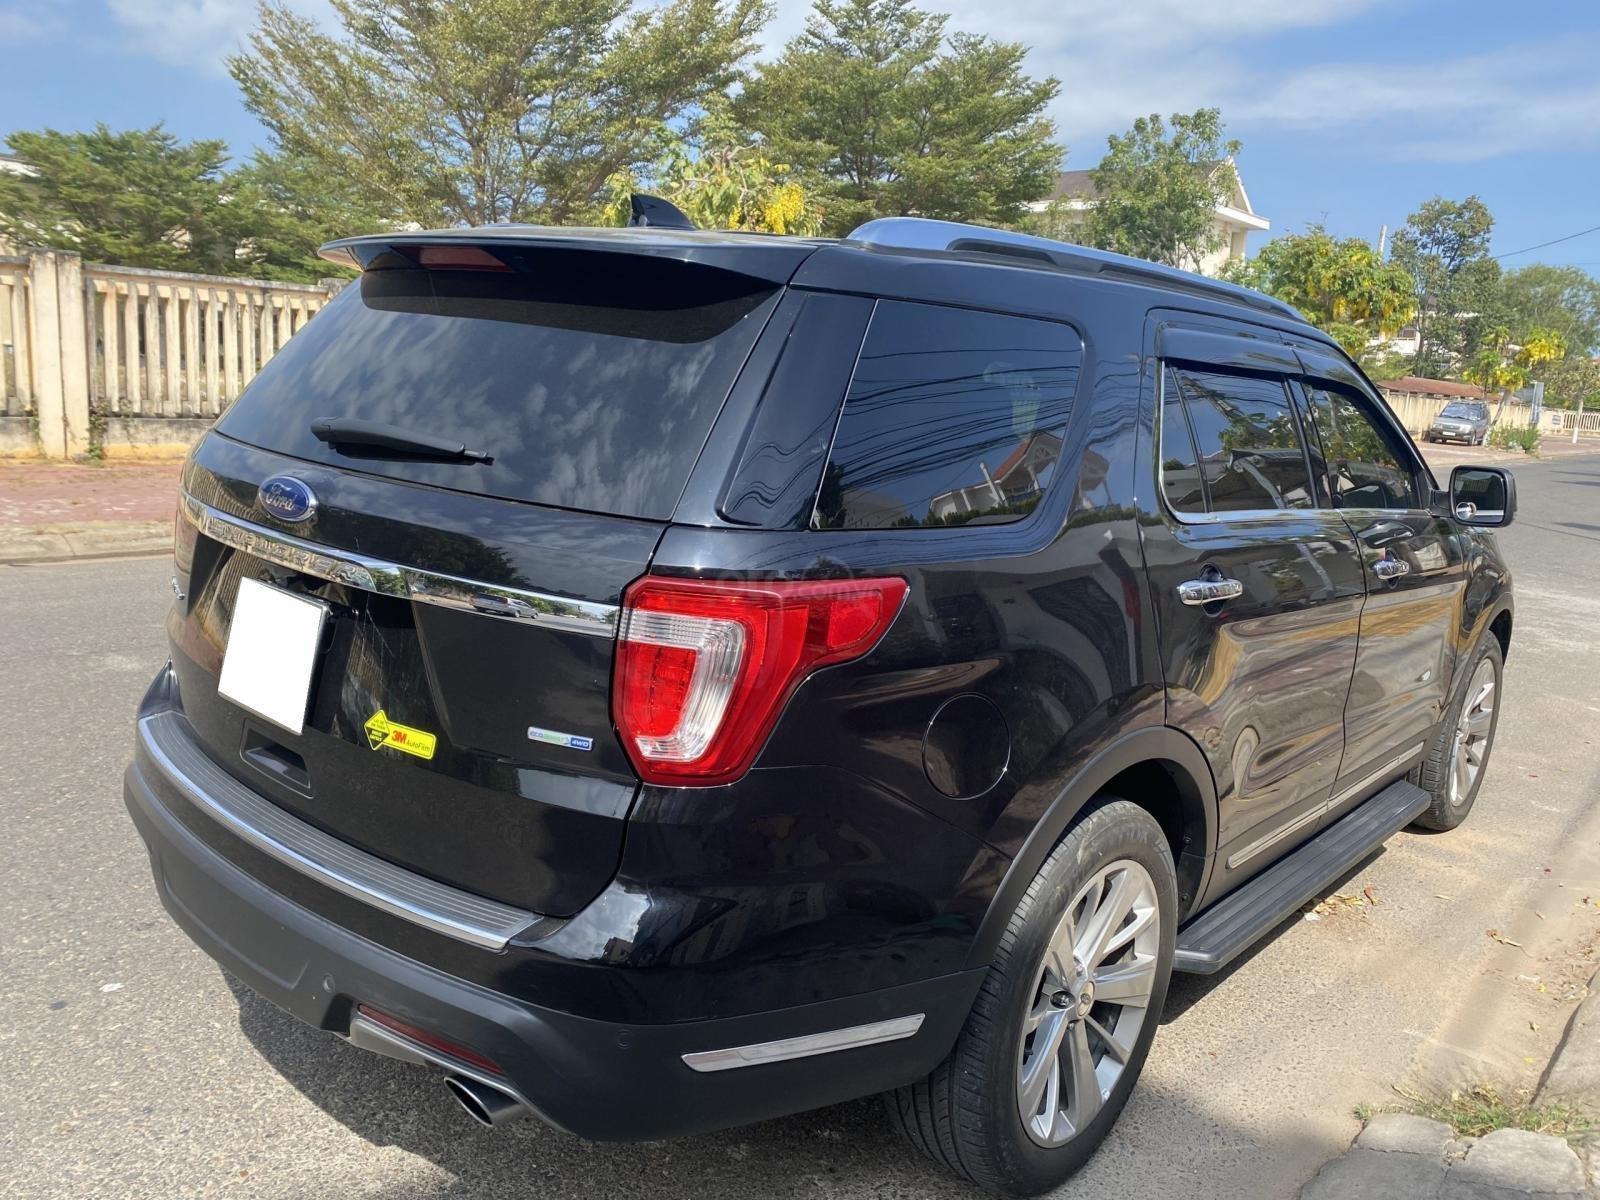 Ford Explorer đen 2019 phong cách đầy mạnh mẽ (4)